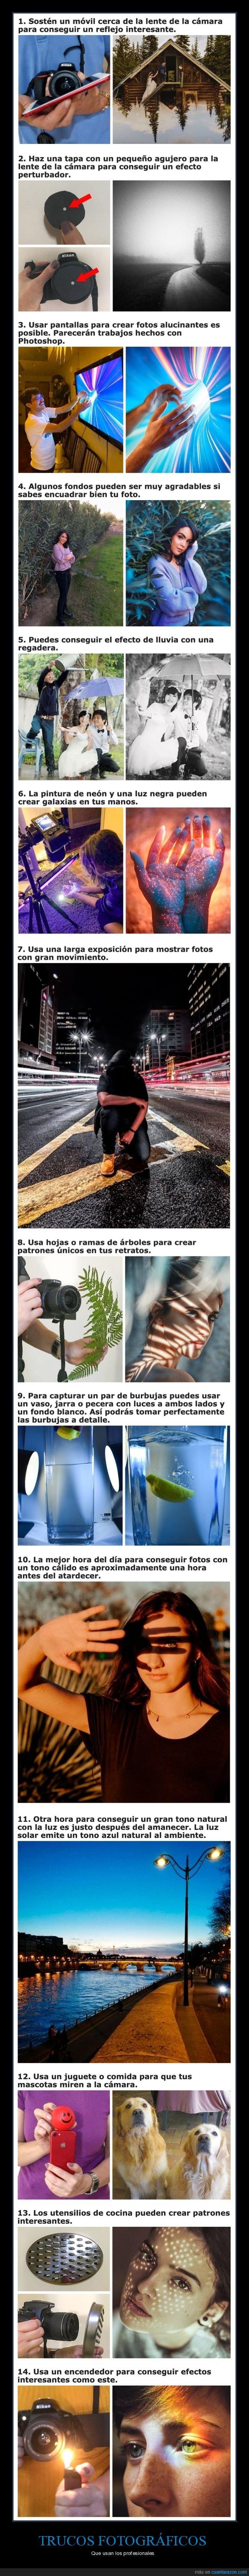 fotografía,trucos